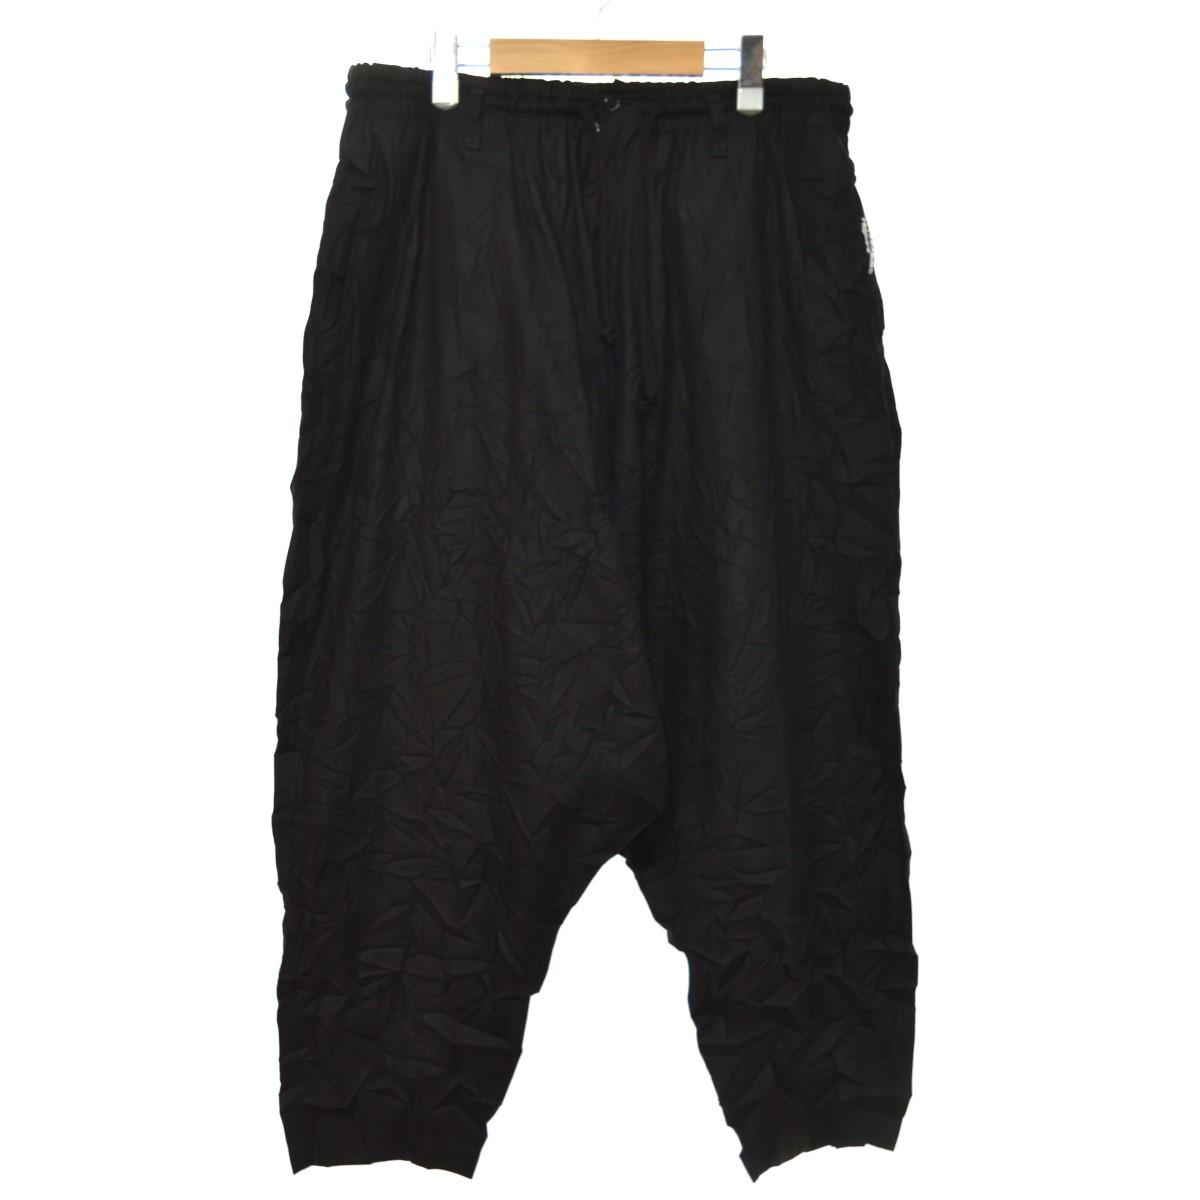 【中古】YOHJI YAMAMOTO pour homme 19SS 綿麻ツイルシワ加工サルエルパンツ ブラック サイズ:3 【310520】(ヨウジヤマモトプールオム)